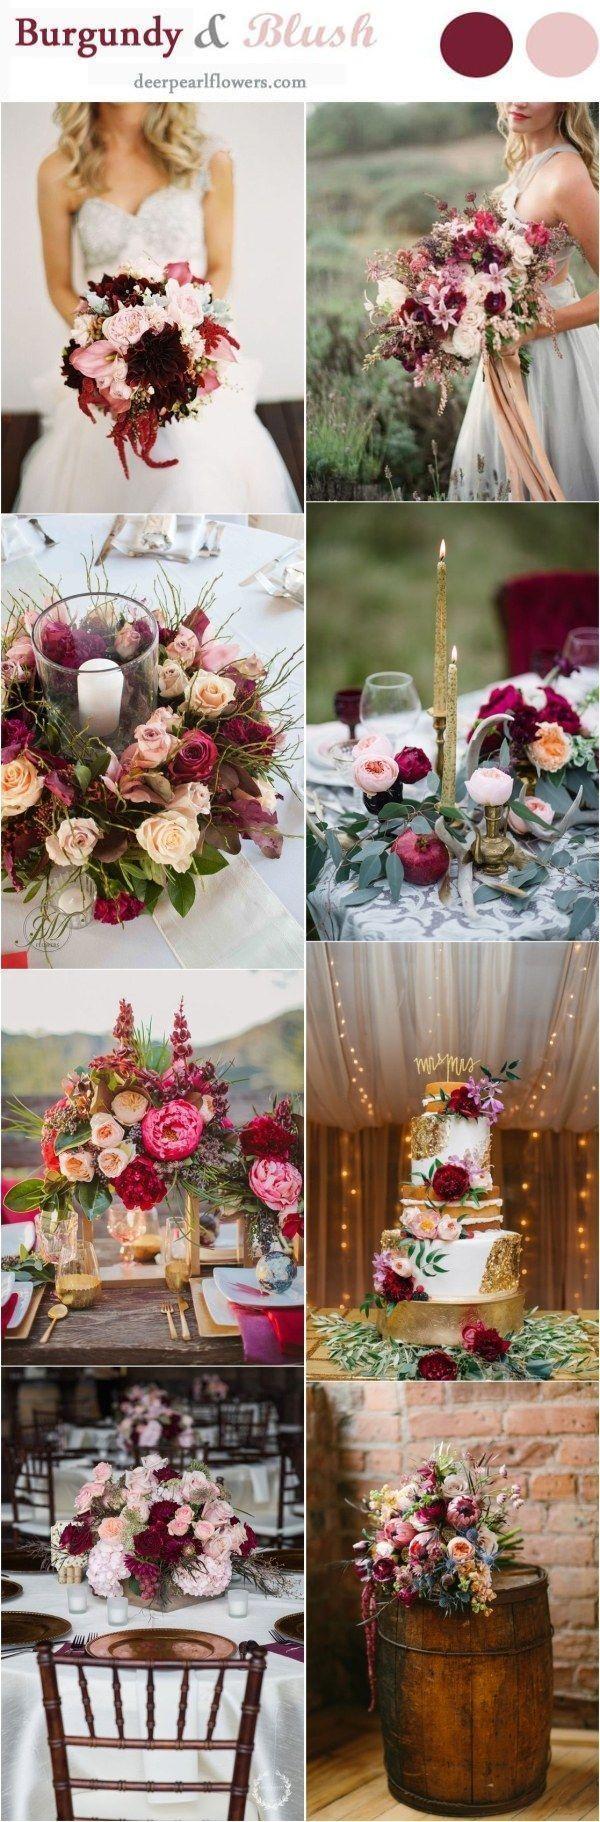 #burgundy #wedding #blush #ideas #fall #and30 Burgundy and Blush Fall Wedding Ideas